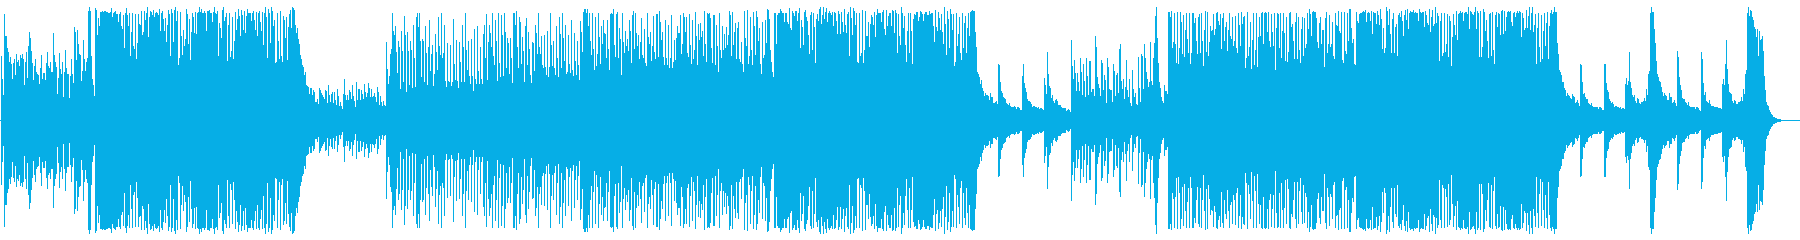 明るいアップテンポなサウンドの再生済みの波形